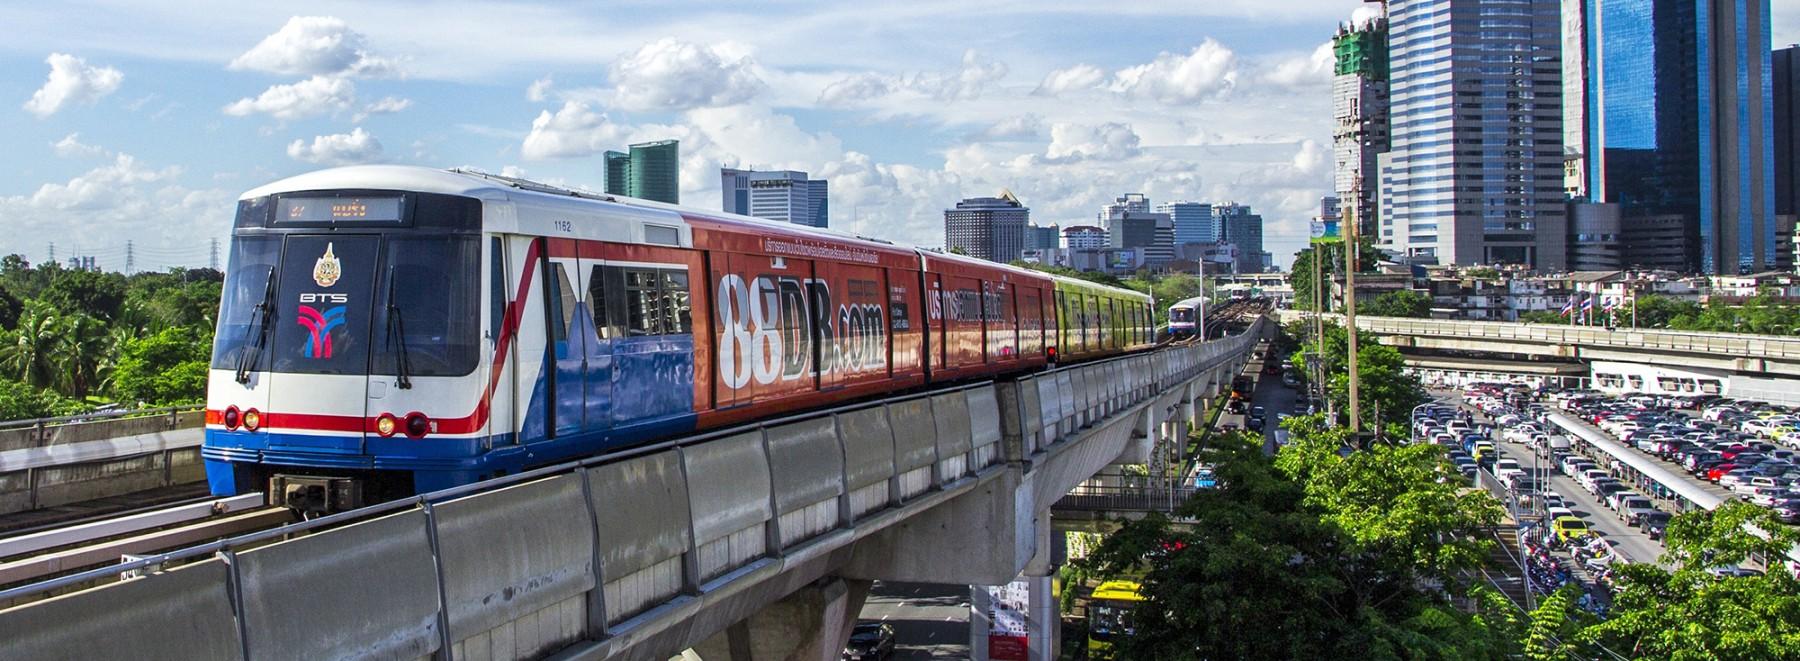 bangkok-hotel-near-the-skytrain